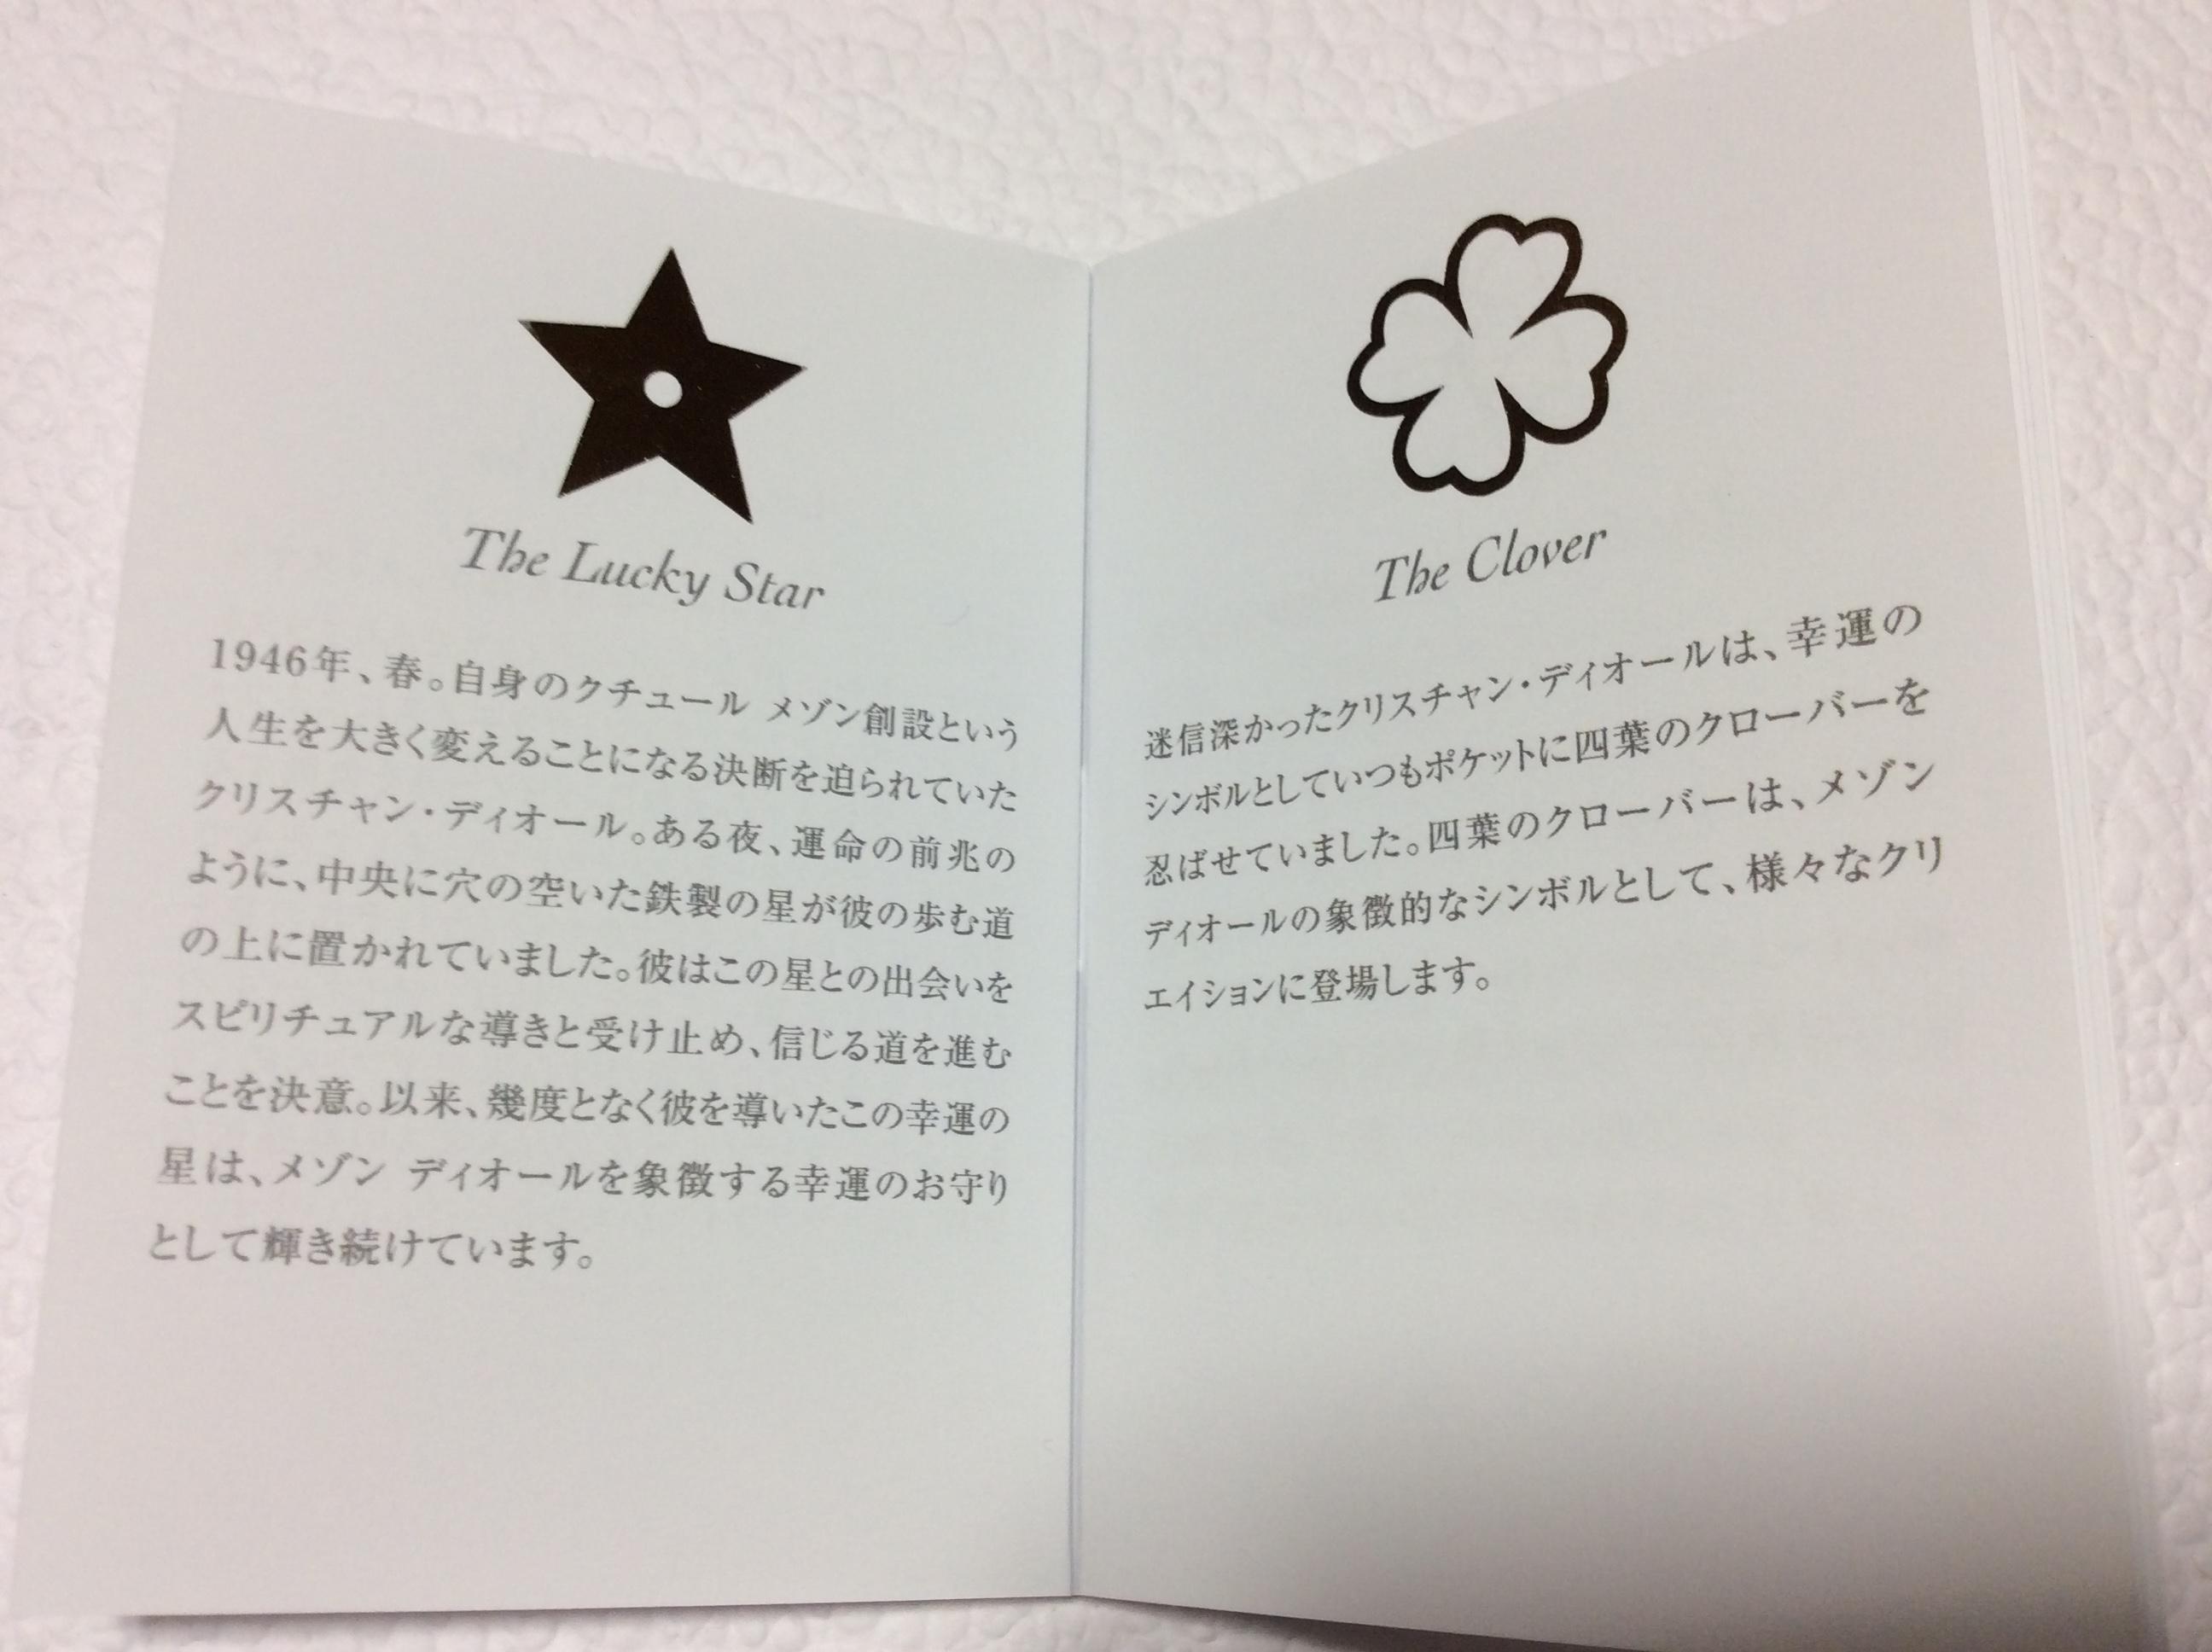 Dior アドベントカレンダー 2018 説明書きの小冊子